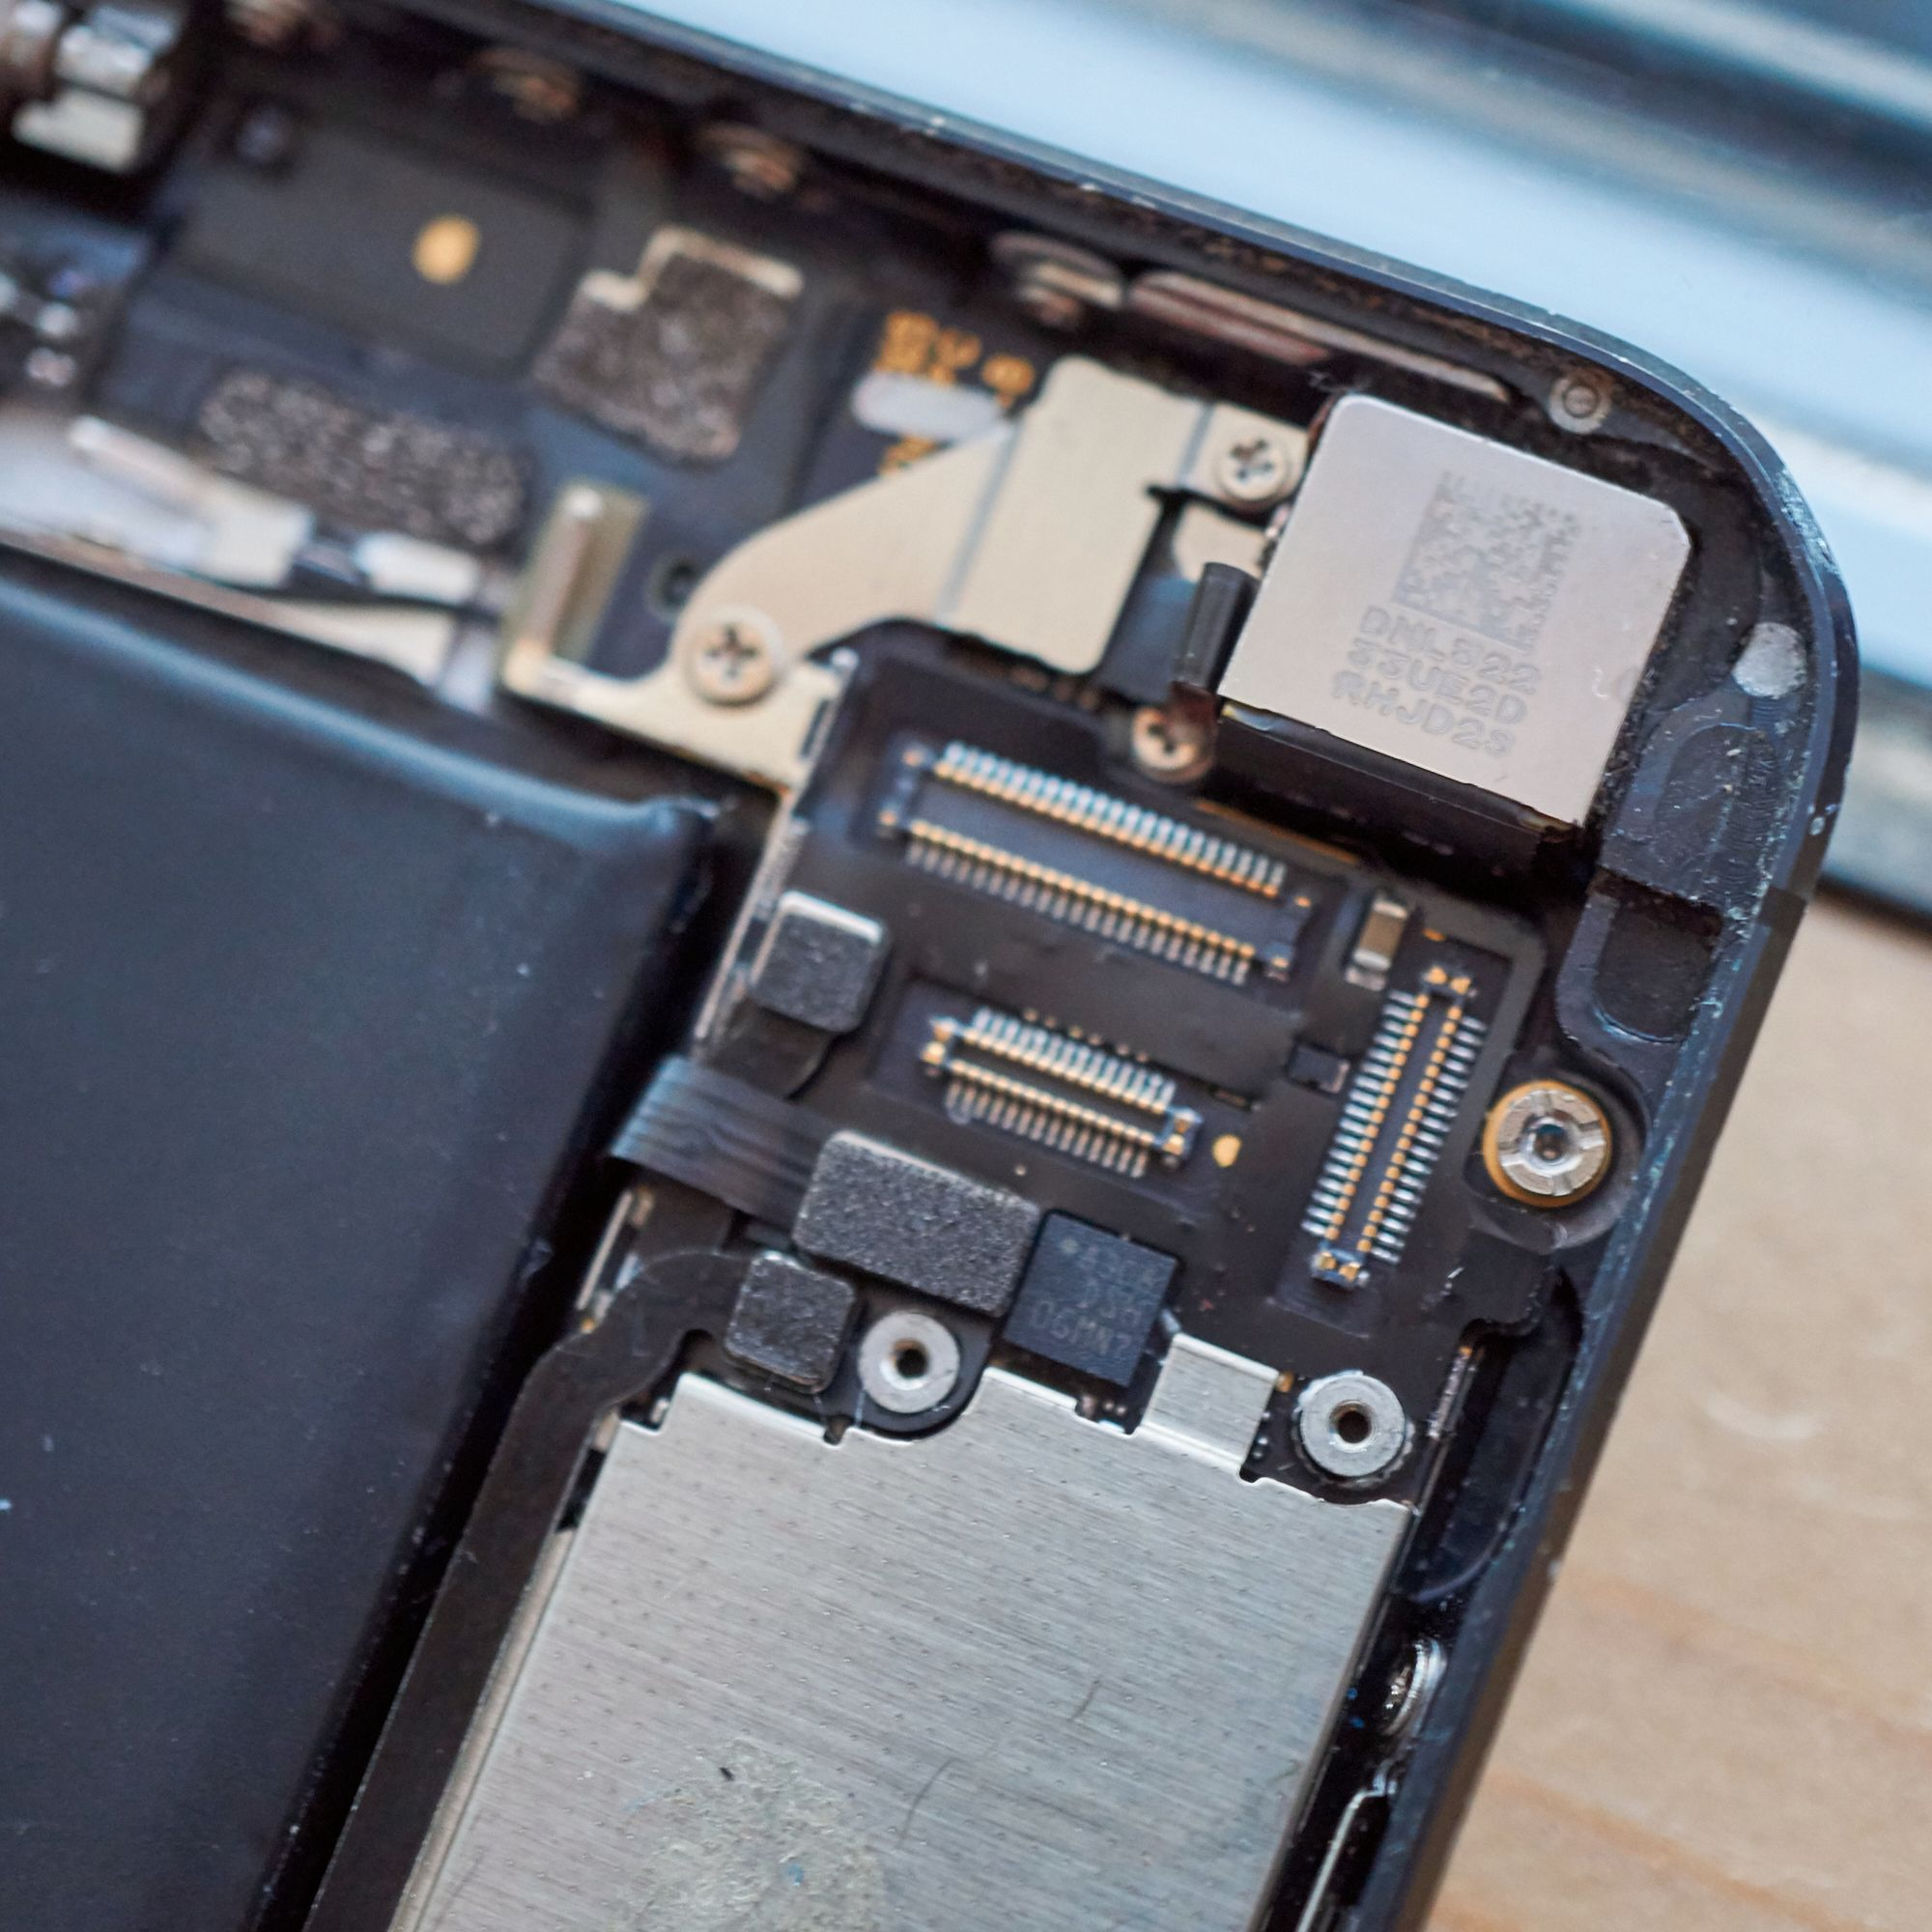 Kamera og kontakter, iPhone 5.